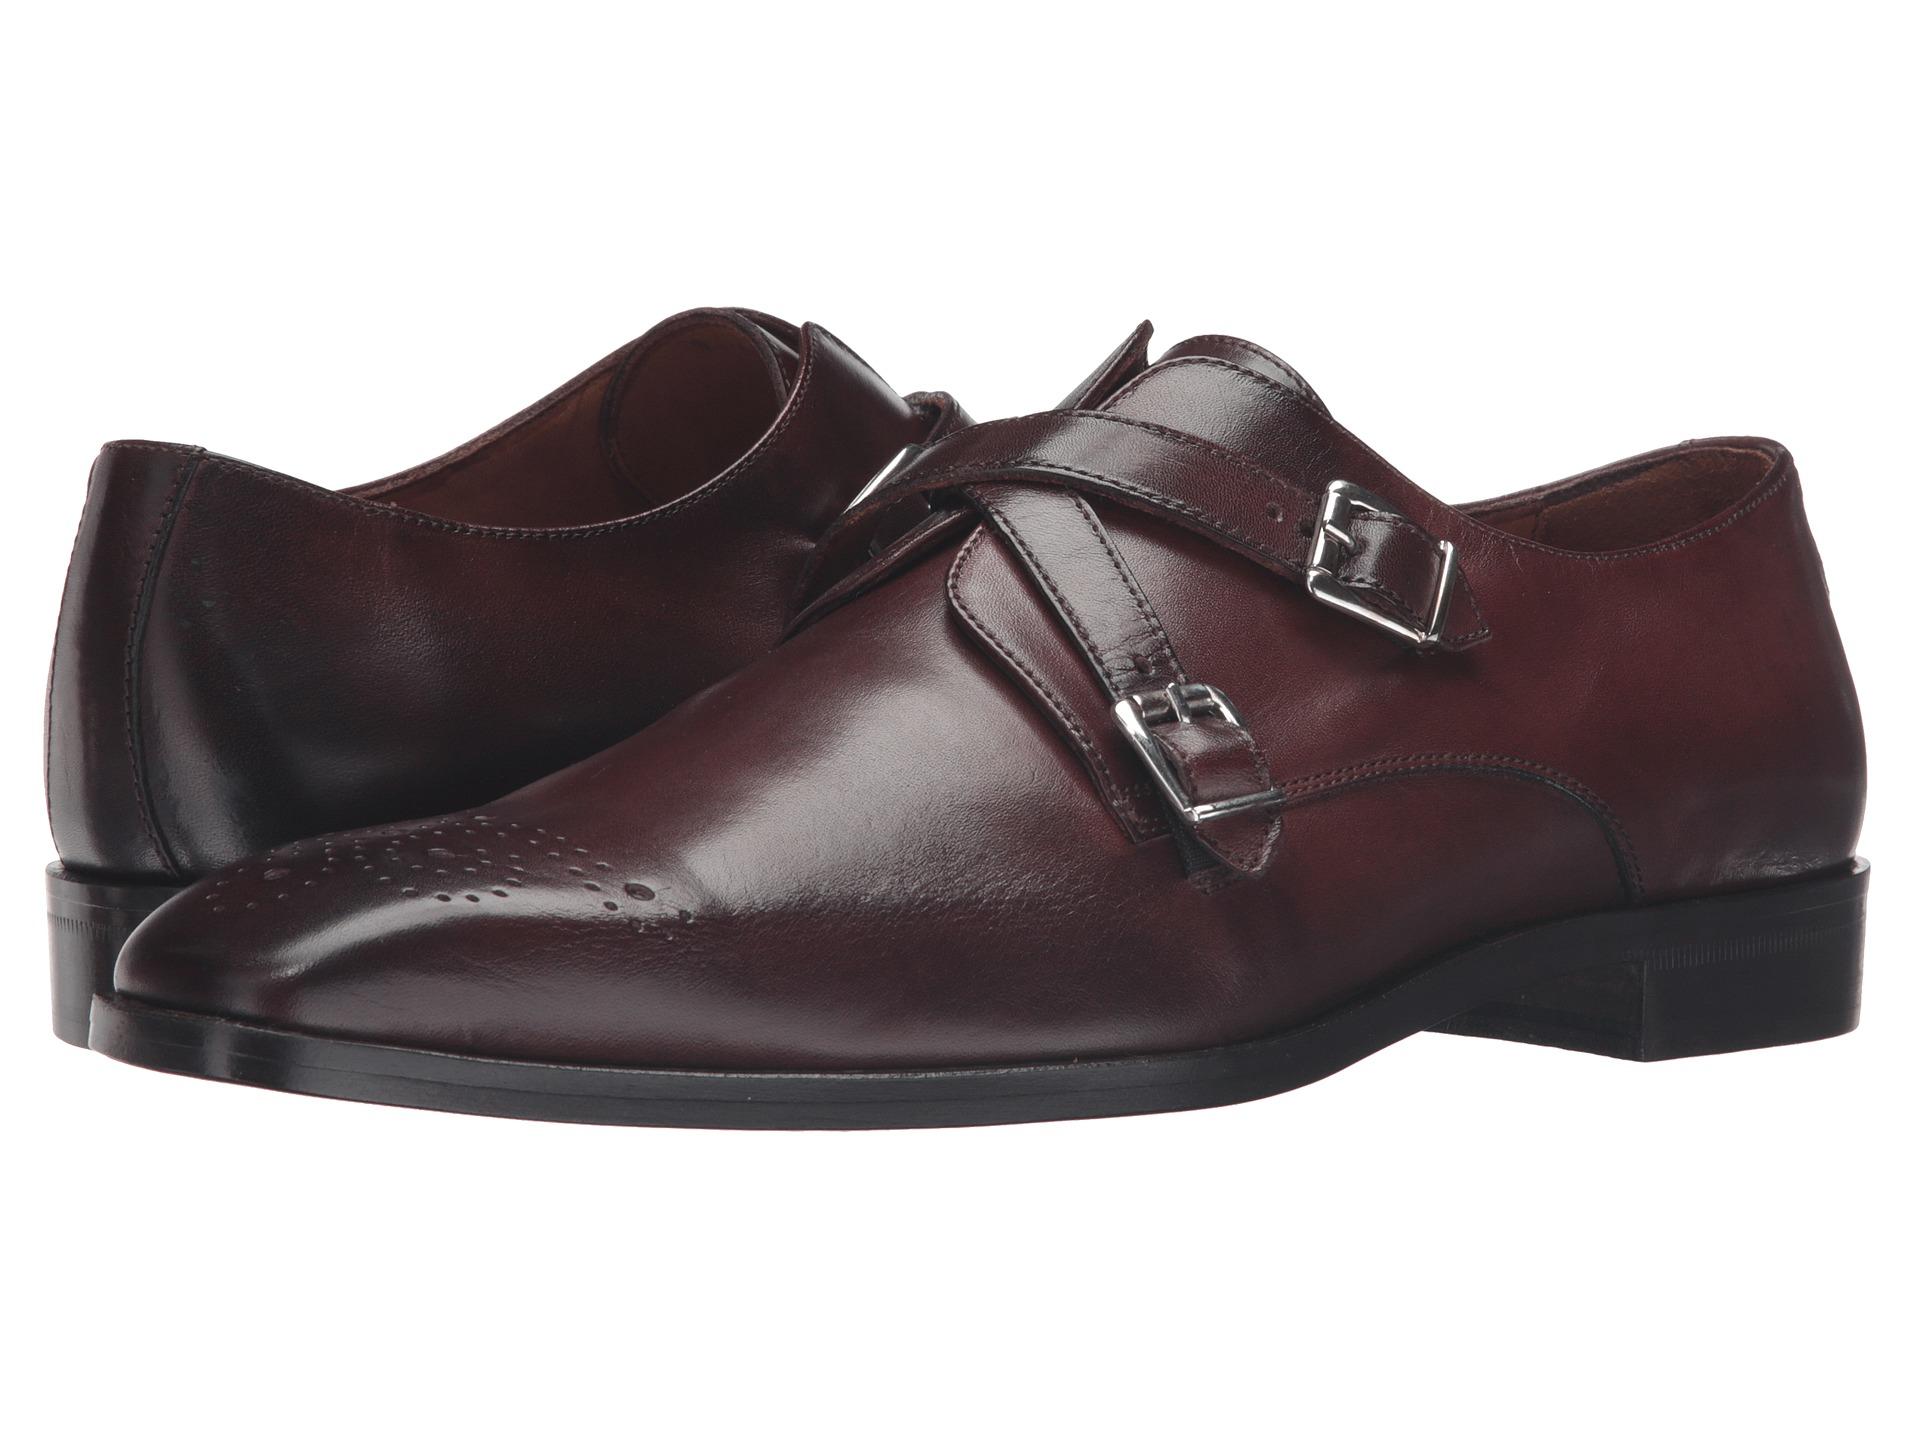 Massimo Matteo Shoe Size